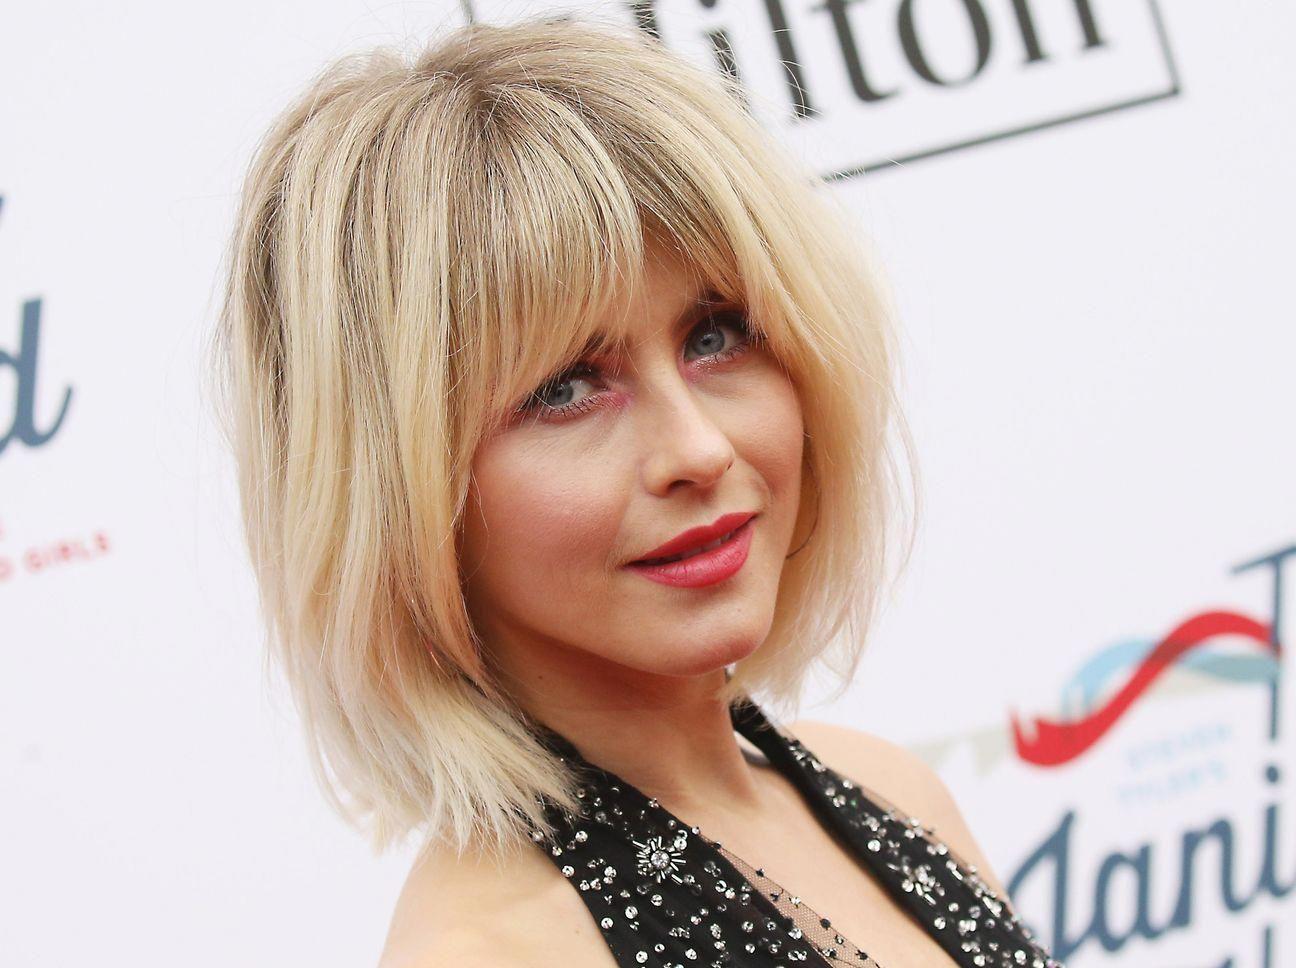 Schauspielerin Julianne Hough liebt den Frisuren-Trend und trägt